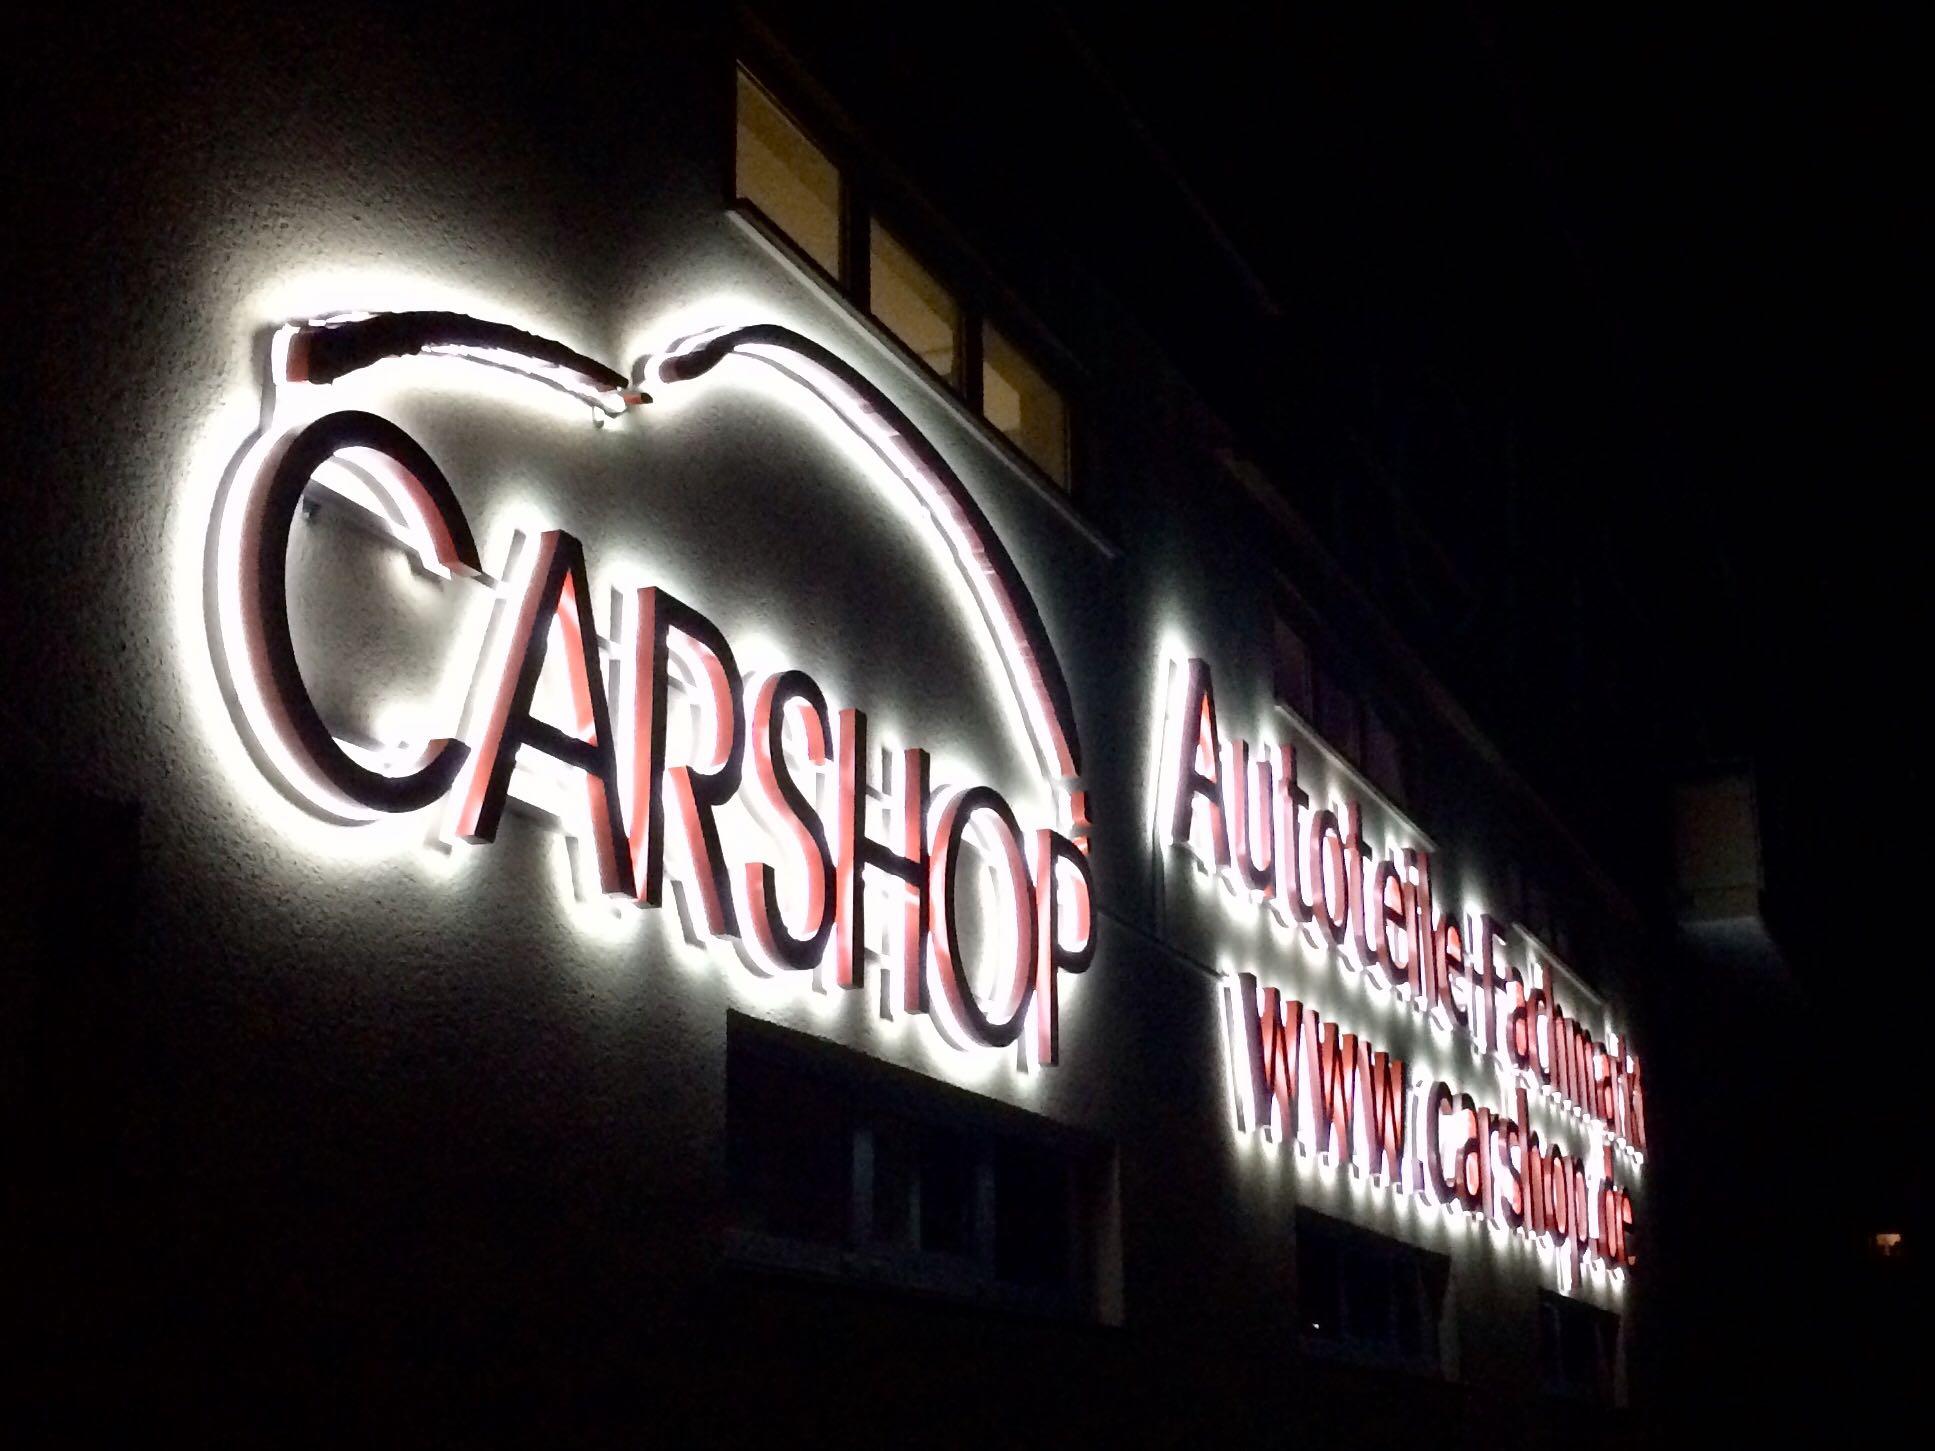 Carshop Außenwerbung 2